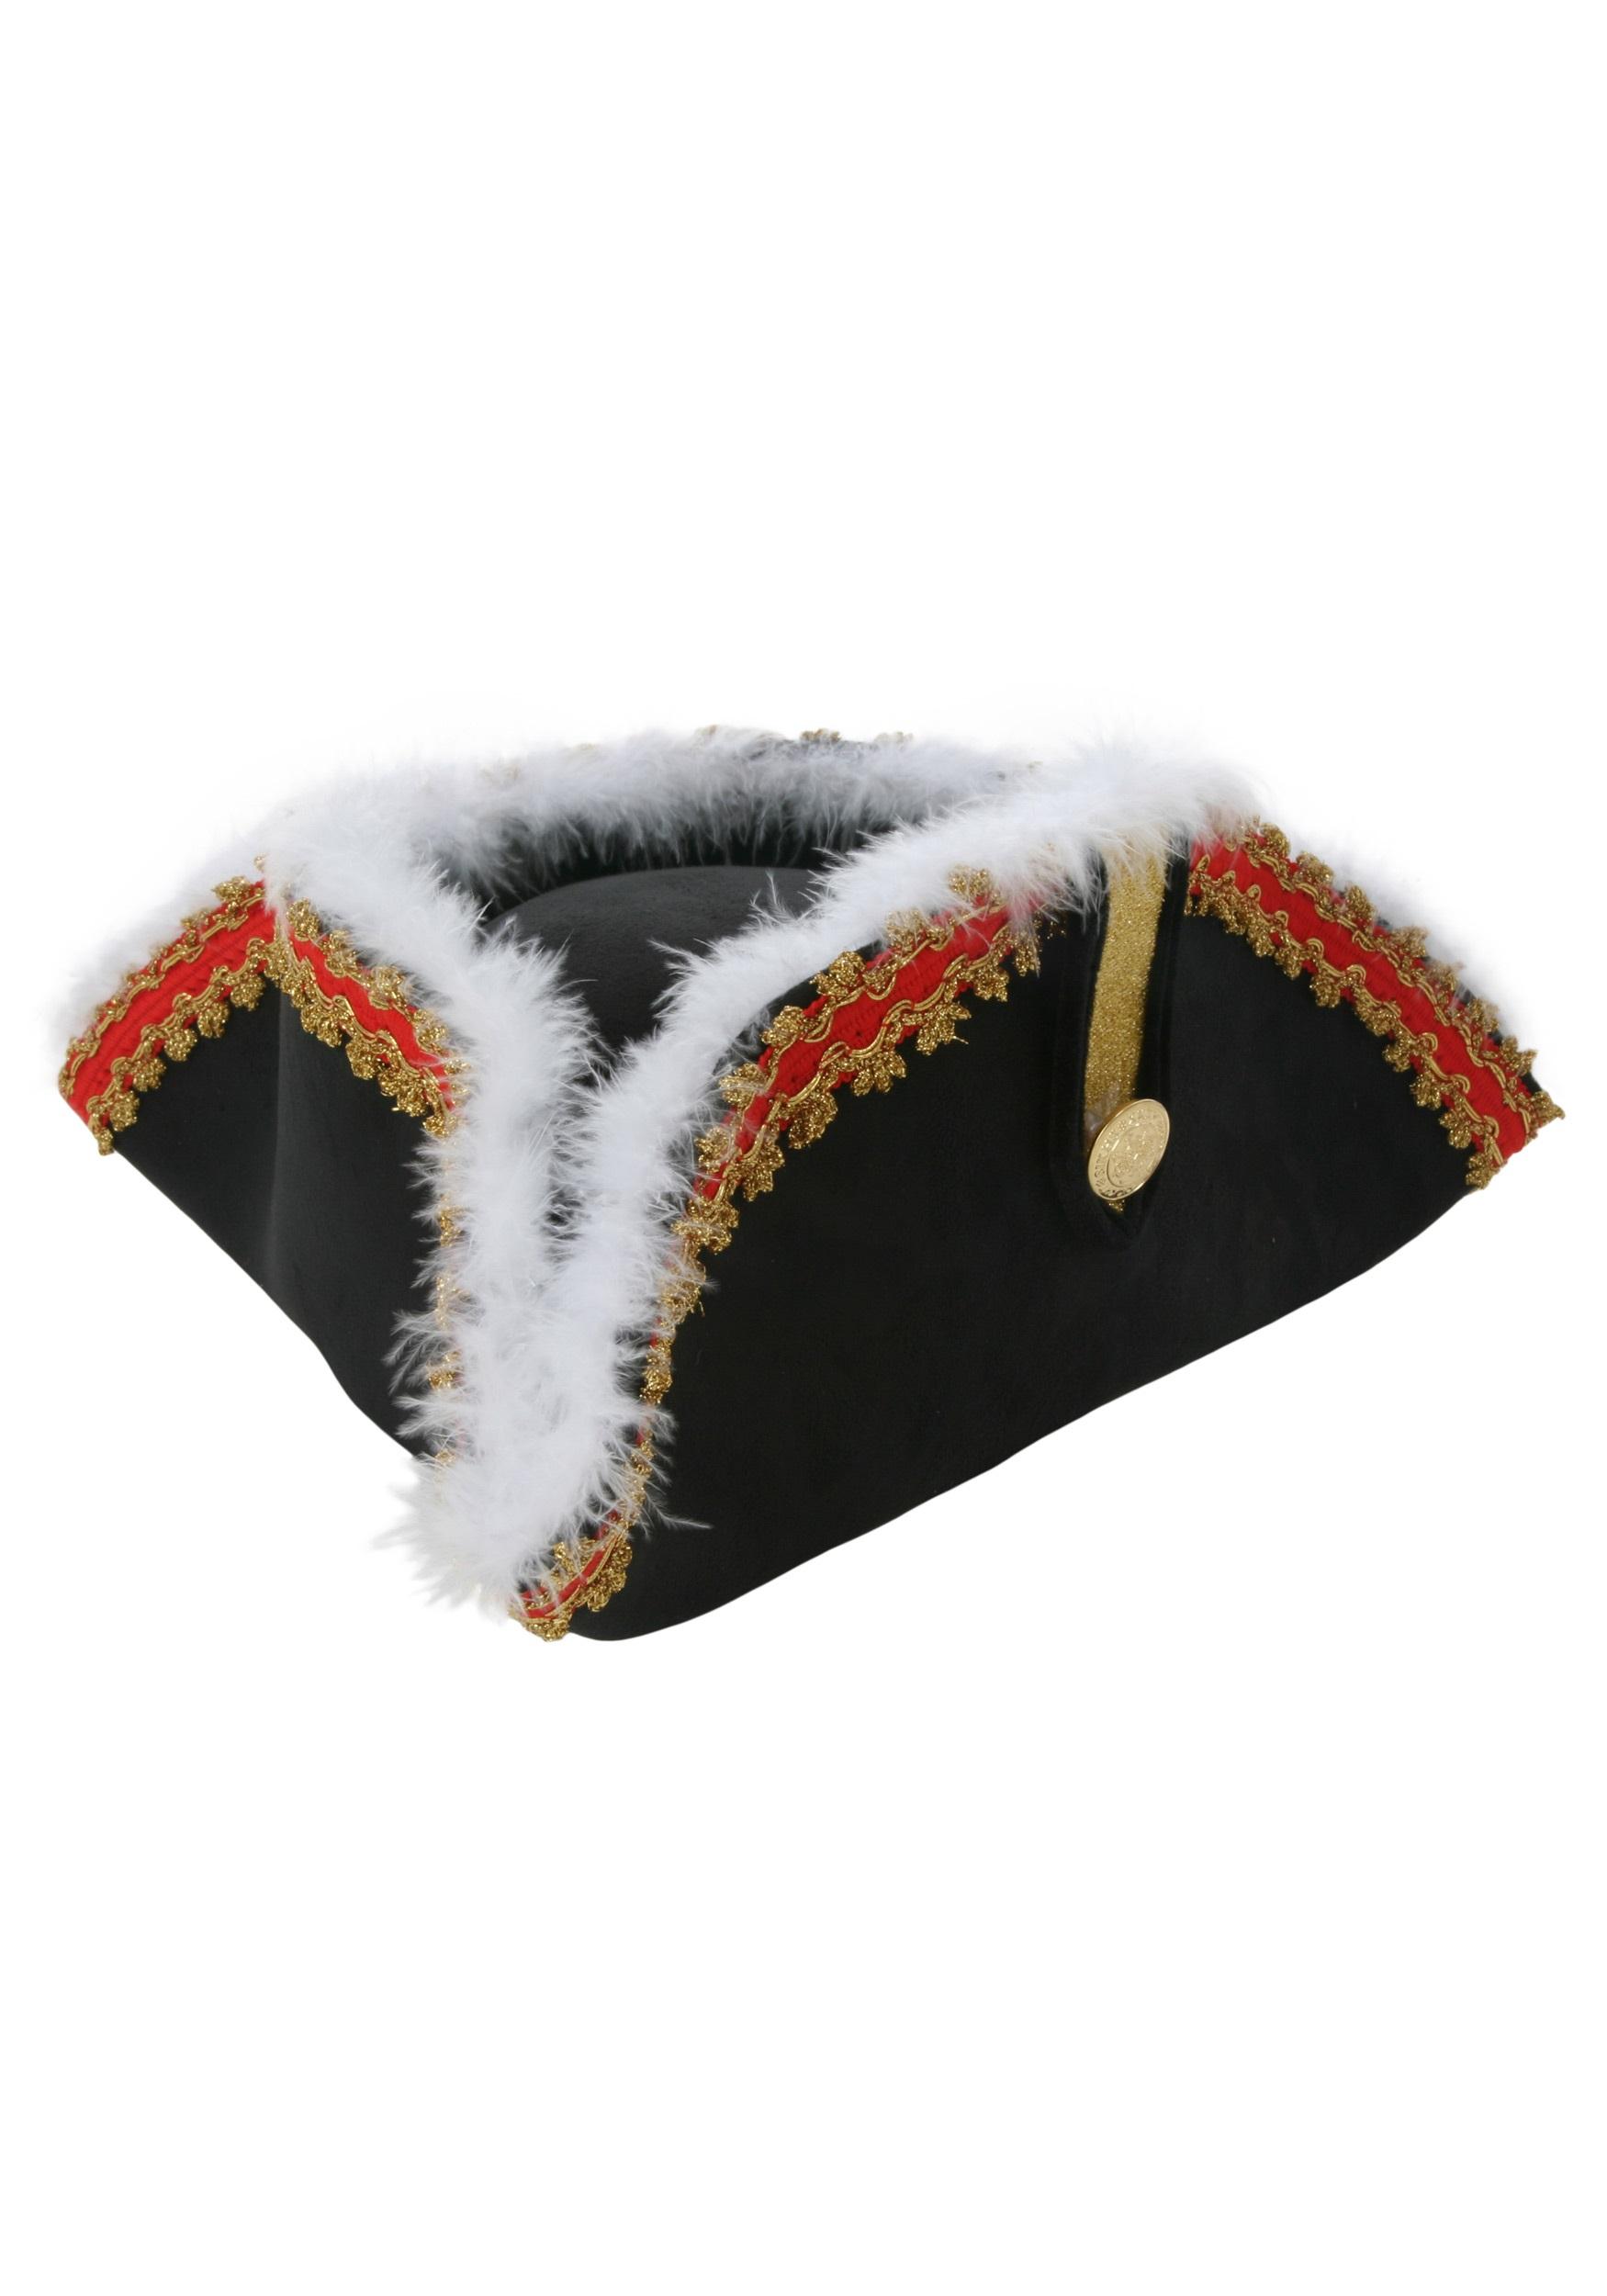 Halloween Top Hat